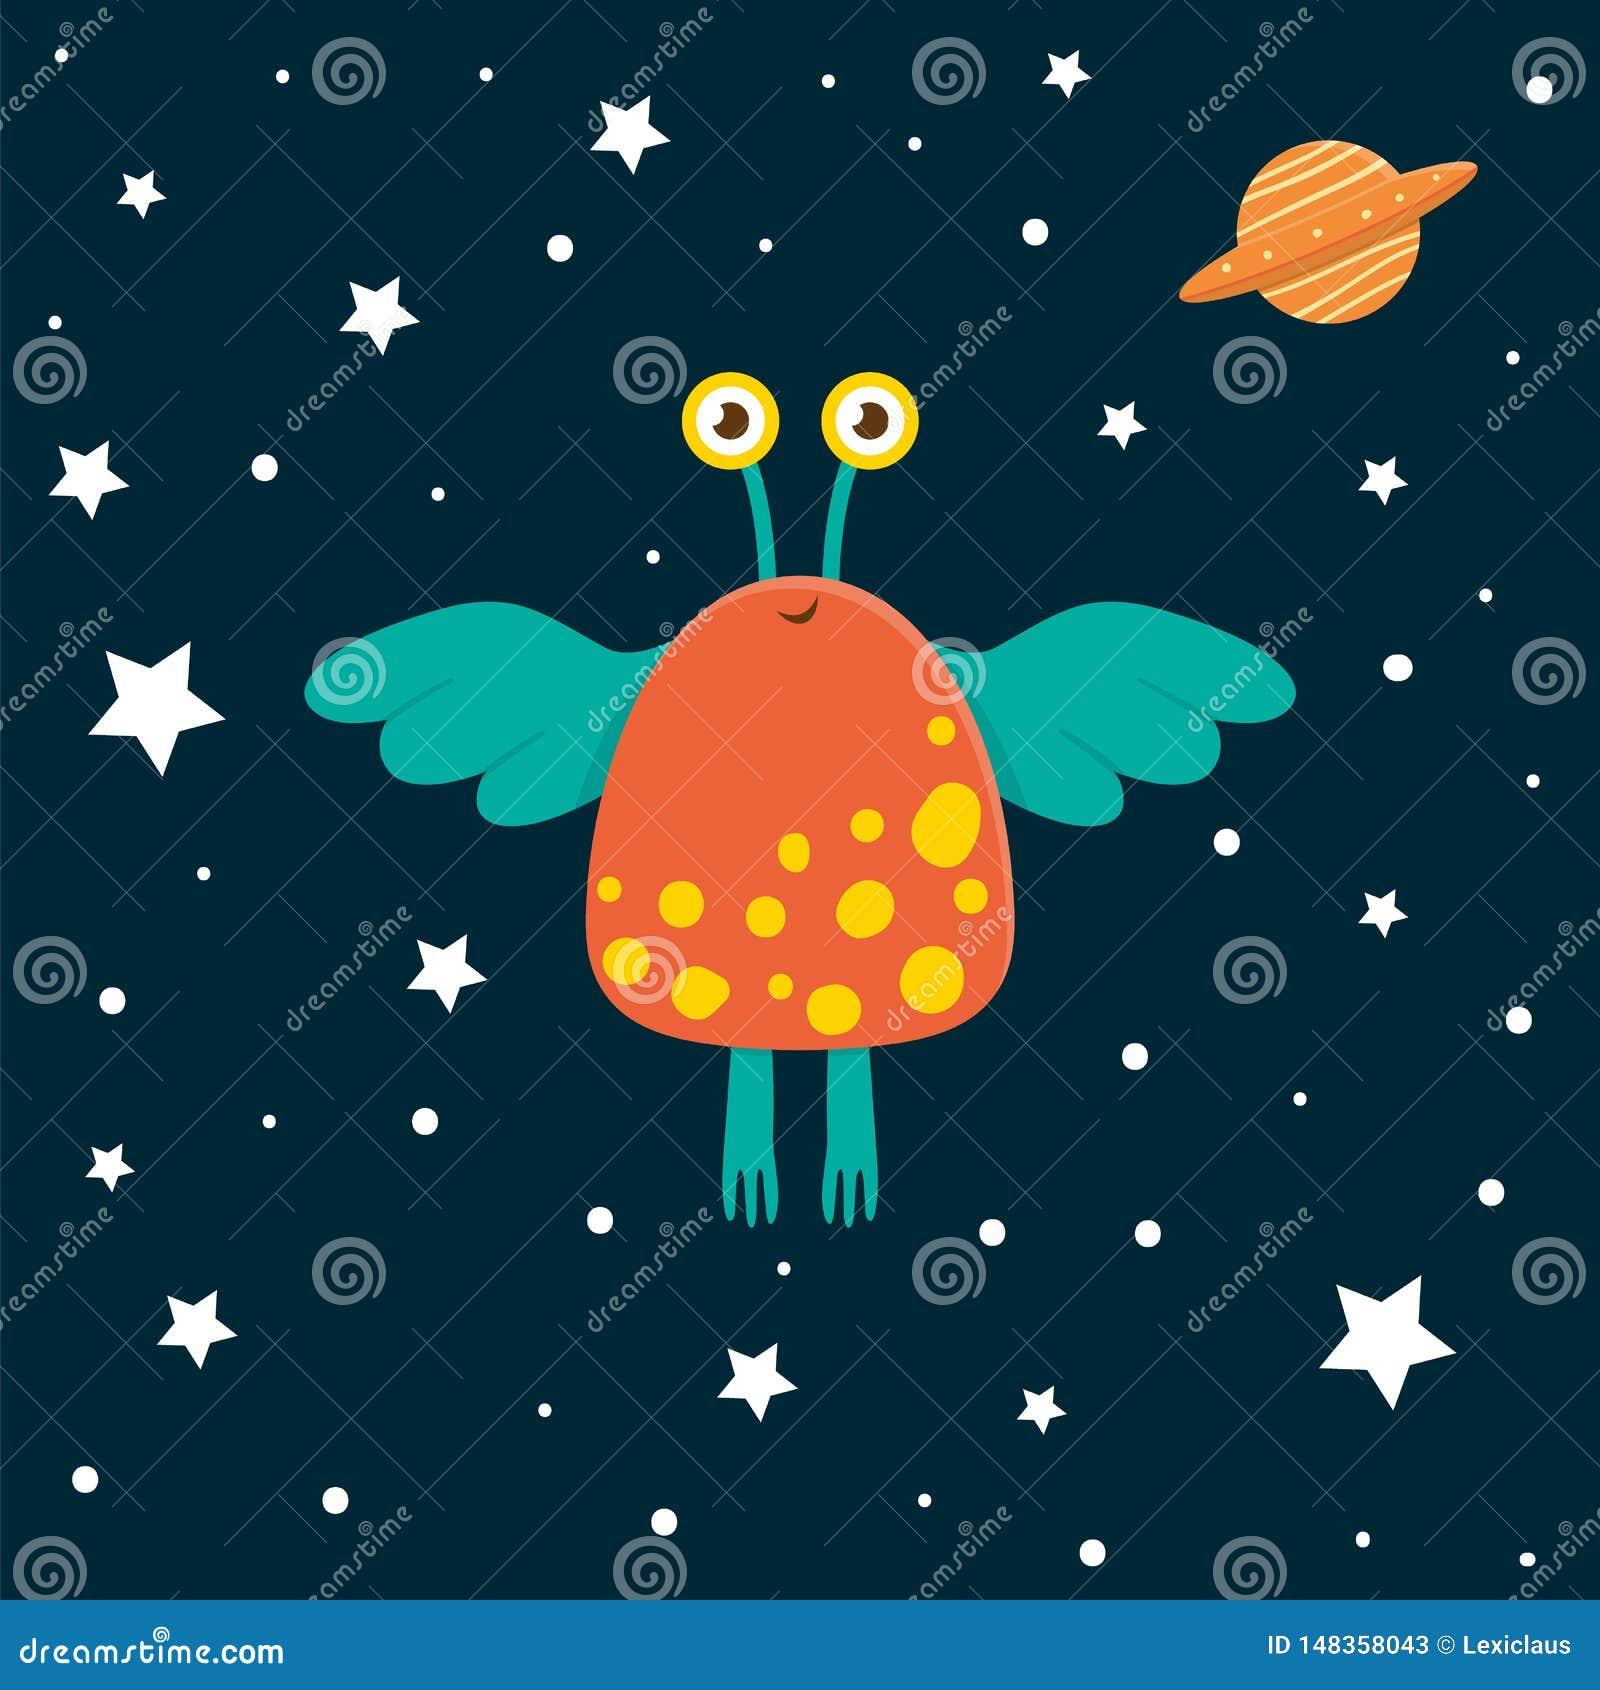 Vector grappige vreemdeling met ufo in ruimte en sterren